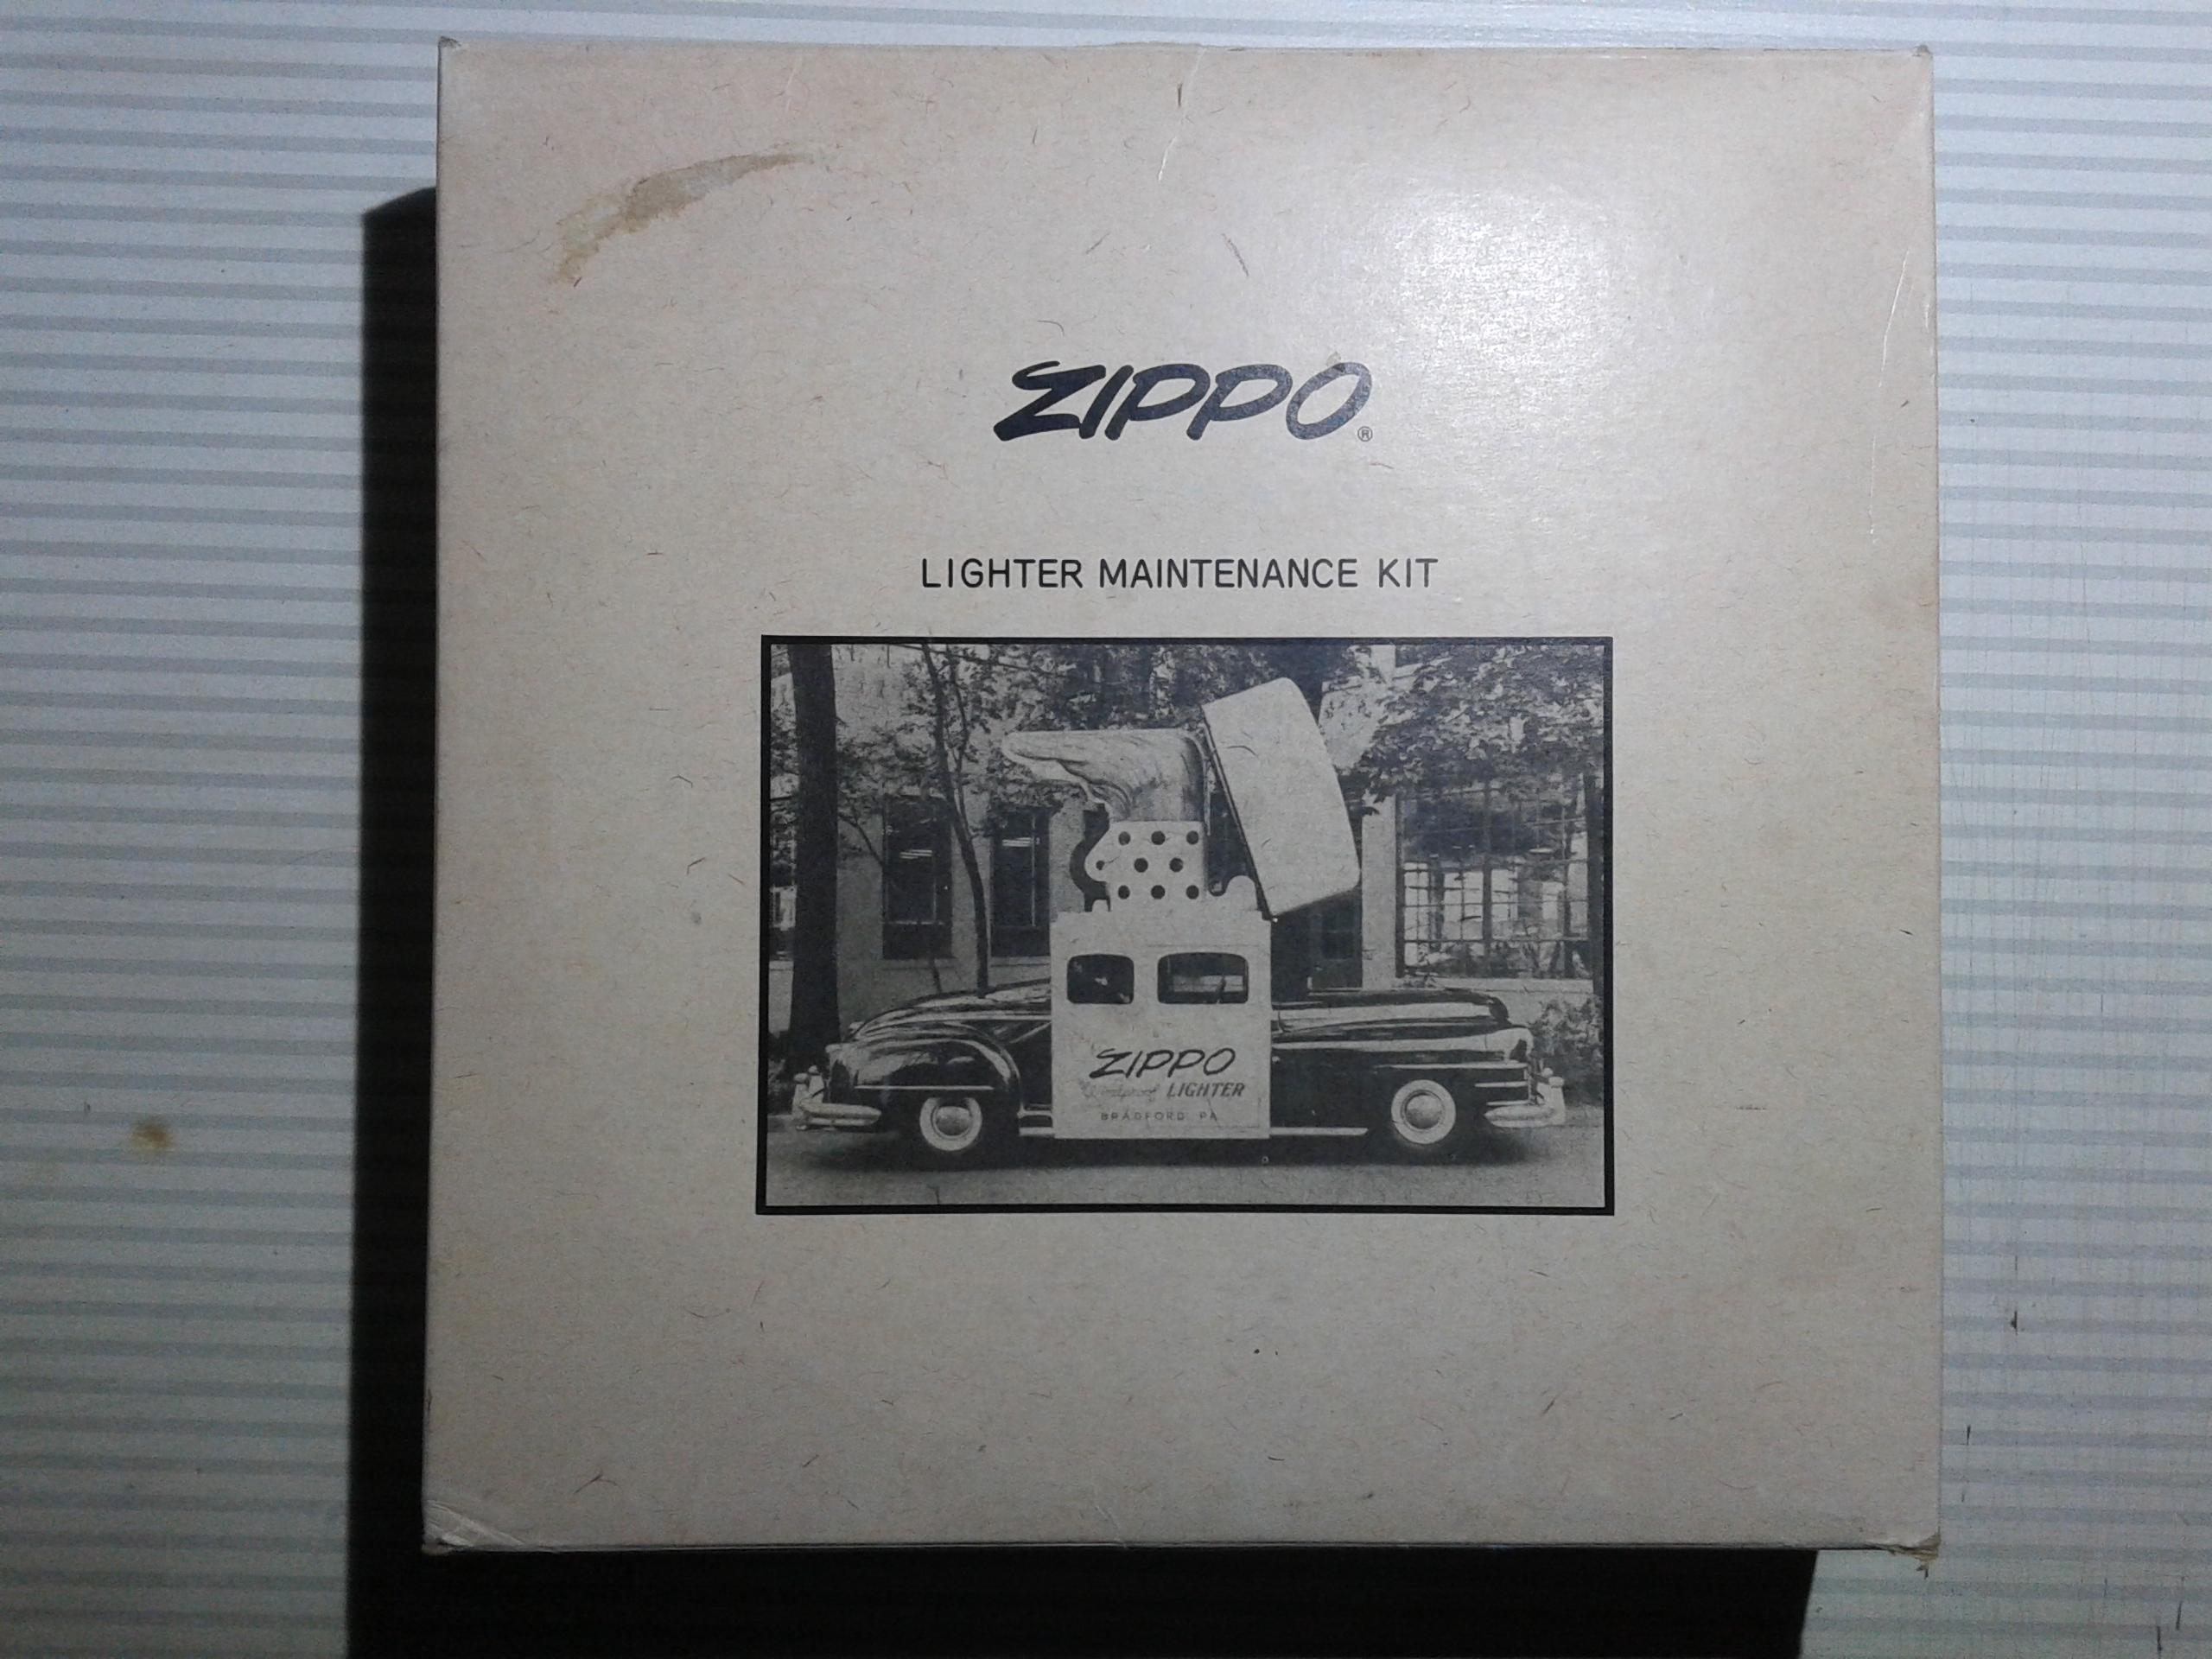 Les boites Zippo au fil du temps - Page 2 248038Maintenancekit1